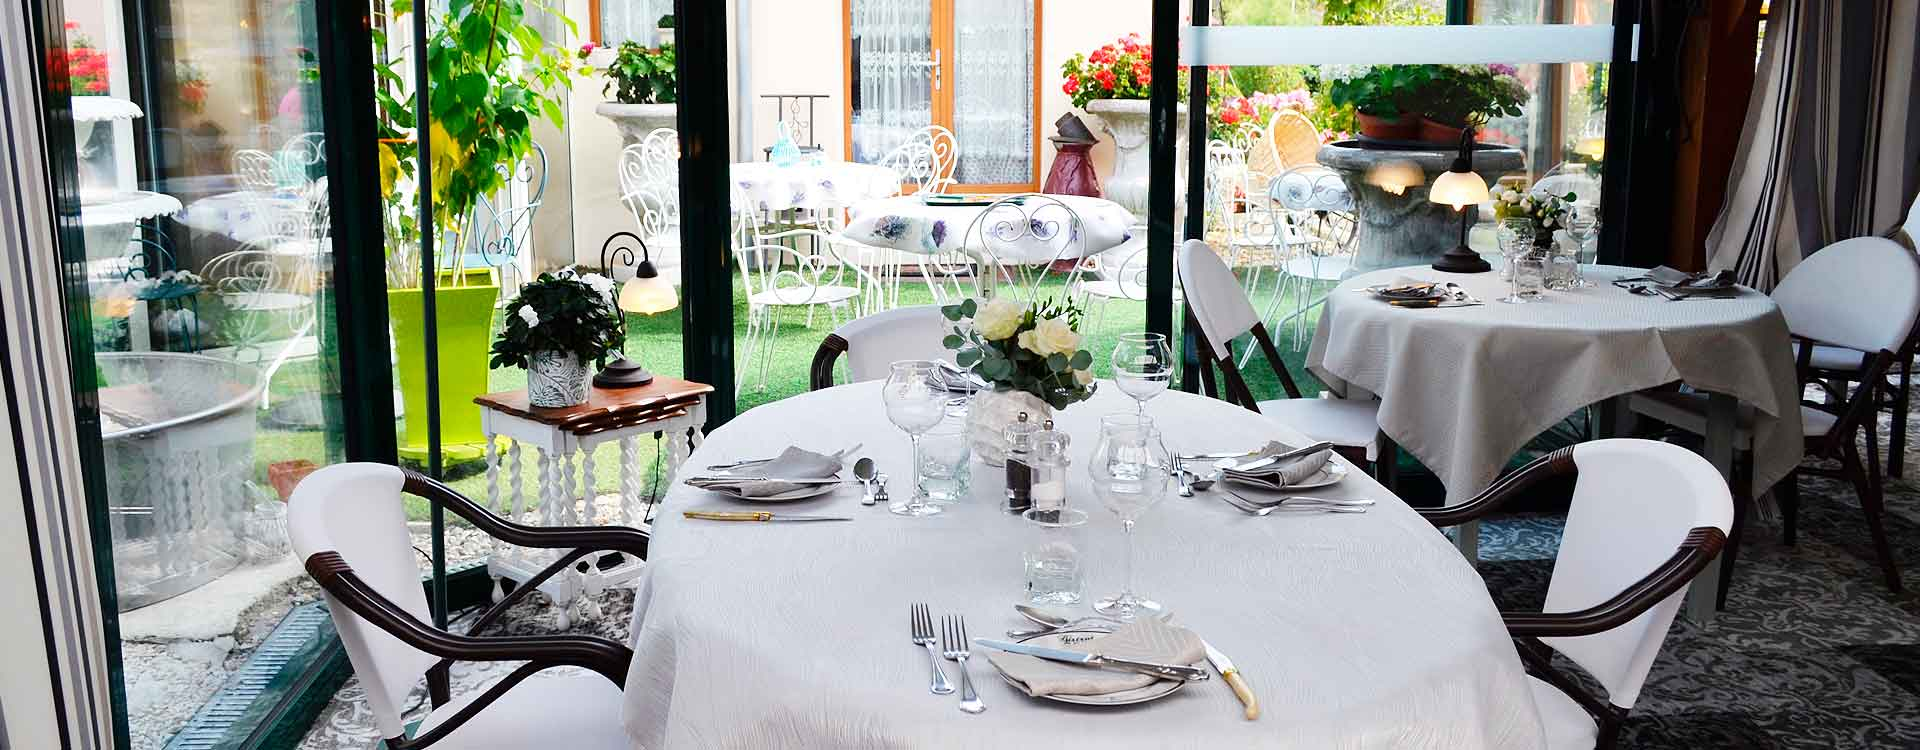 restaurant_laGrange-3